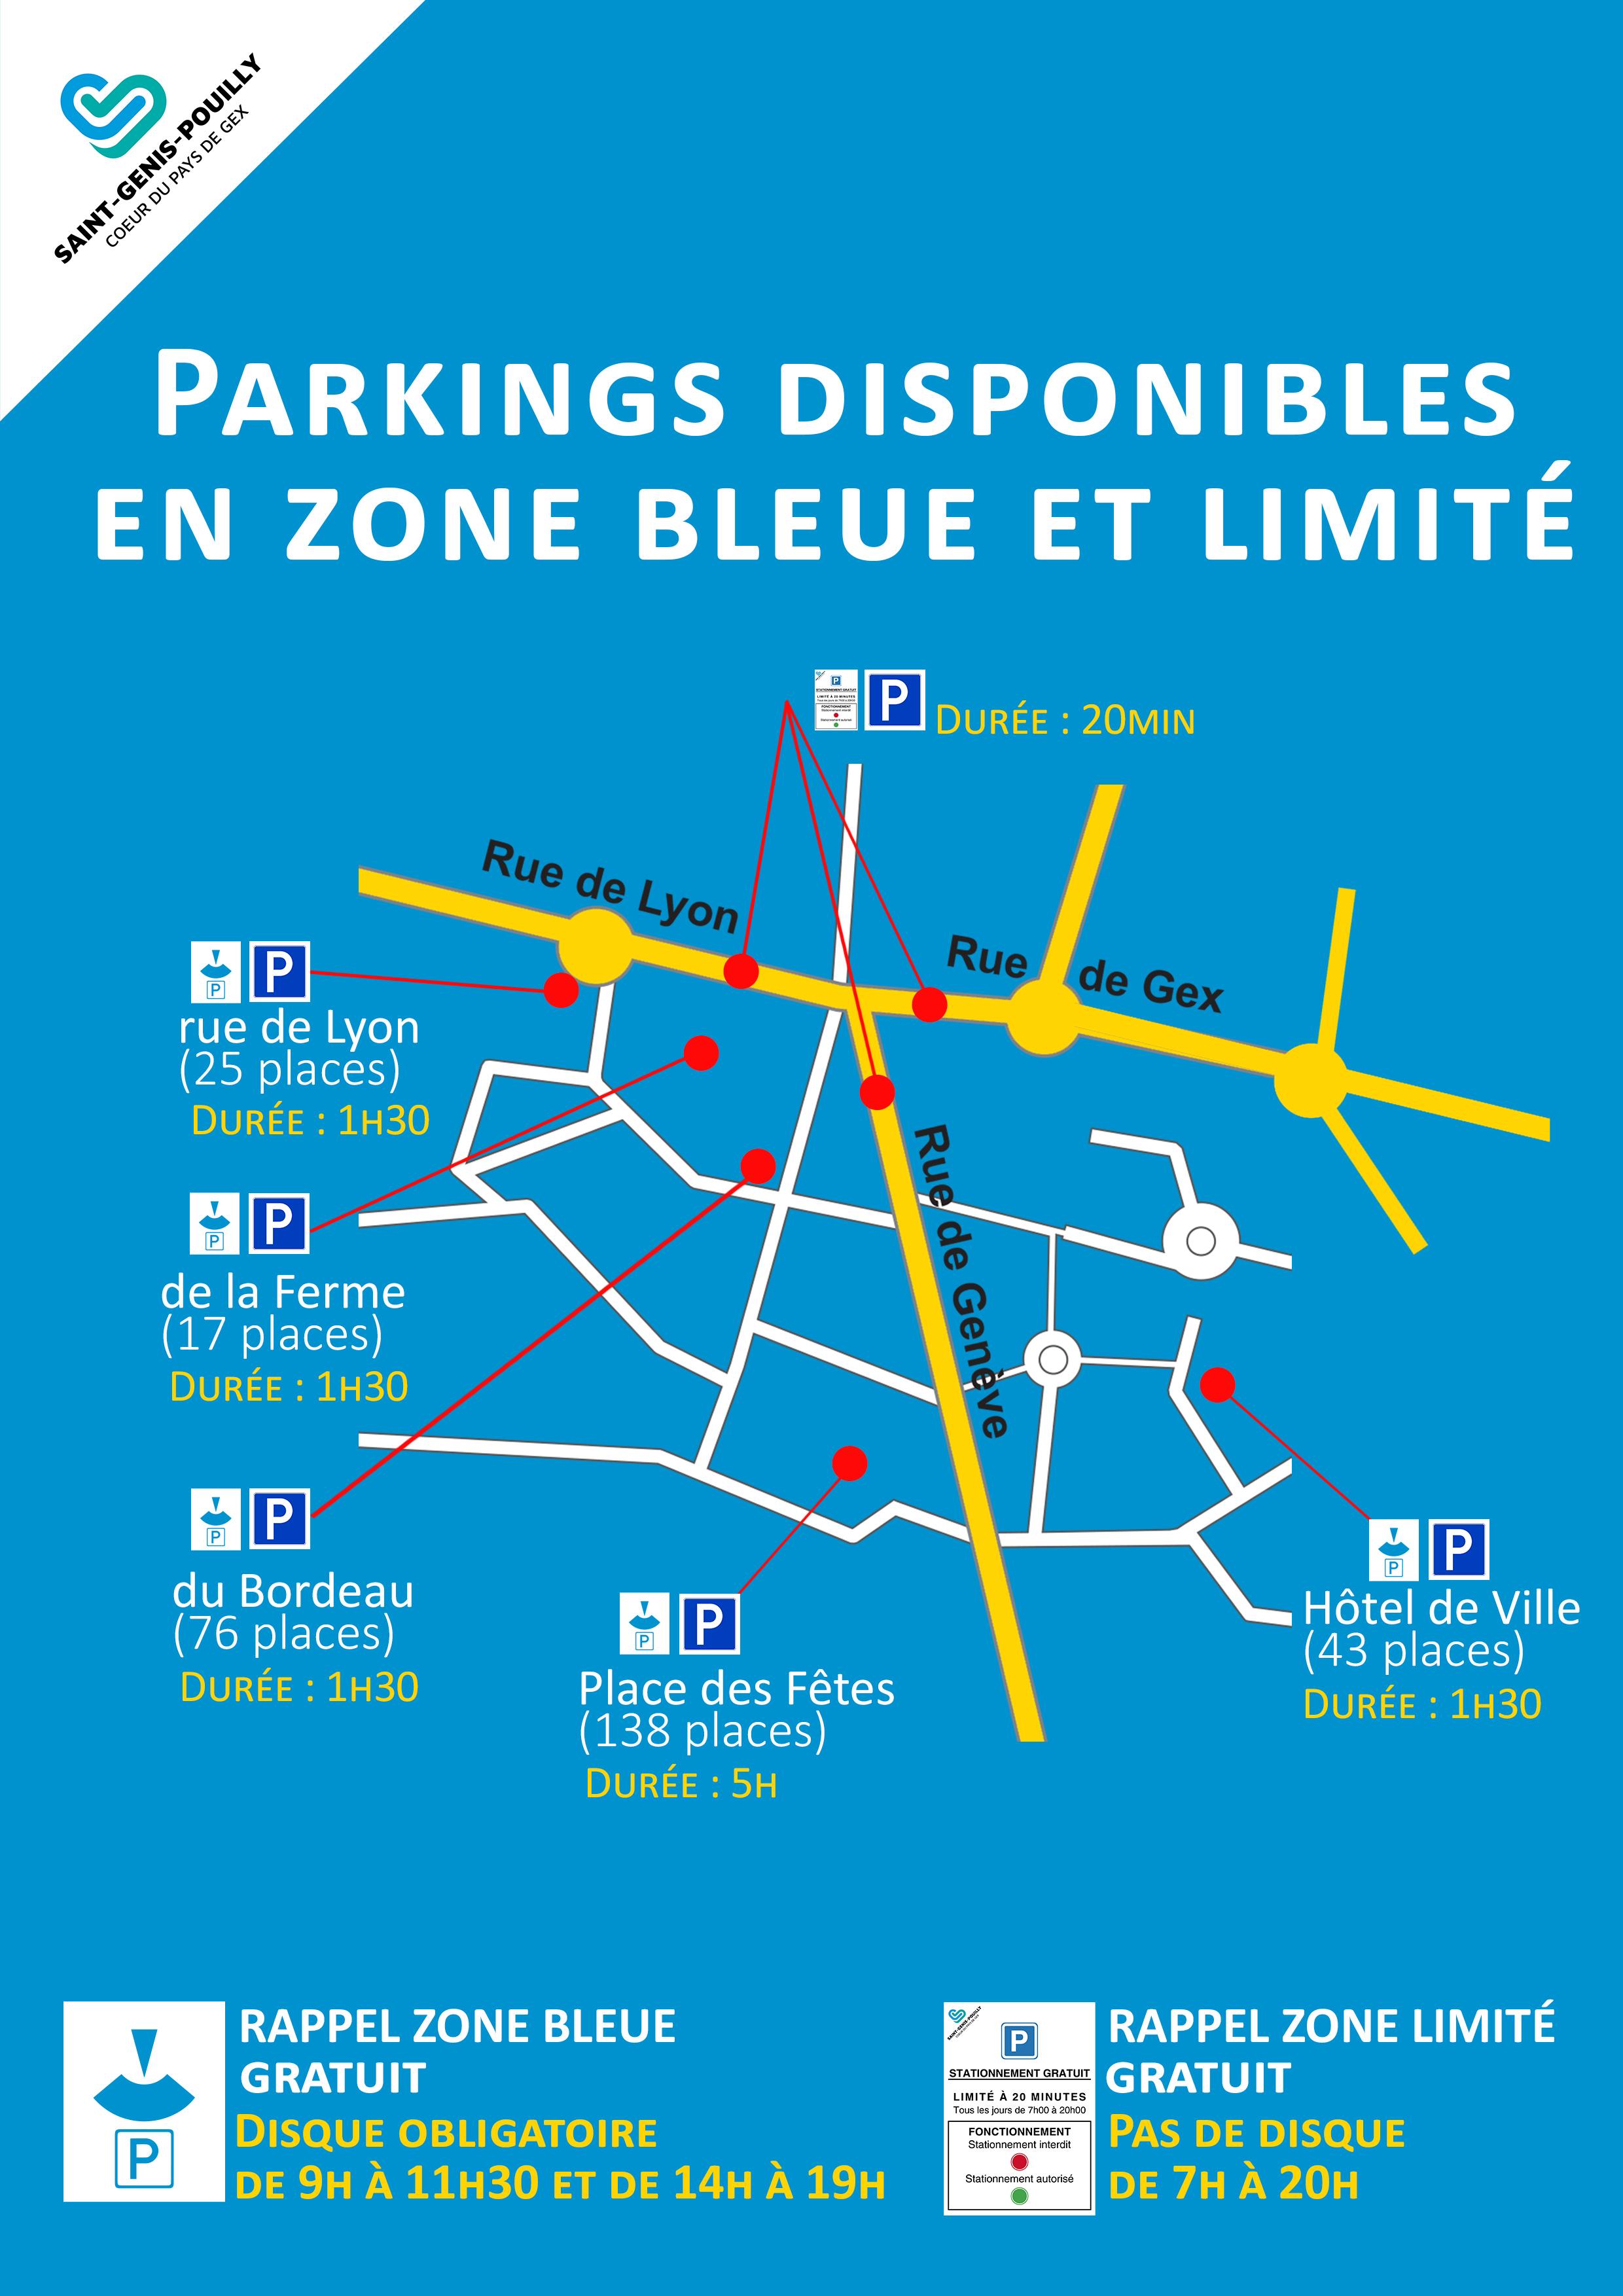 stationnement_zone_bleue_et_limite.jpg